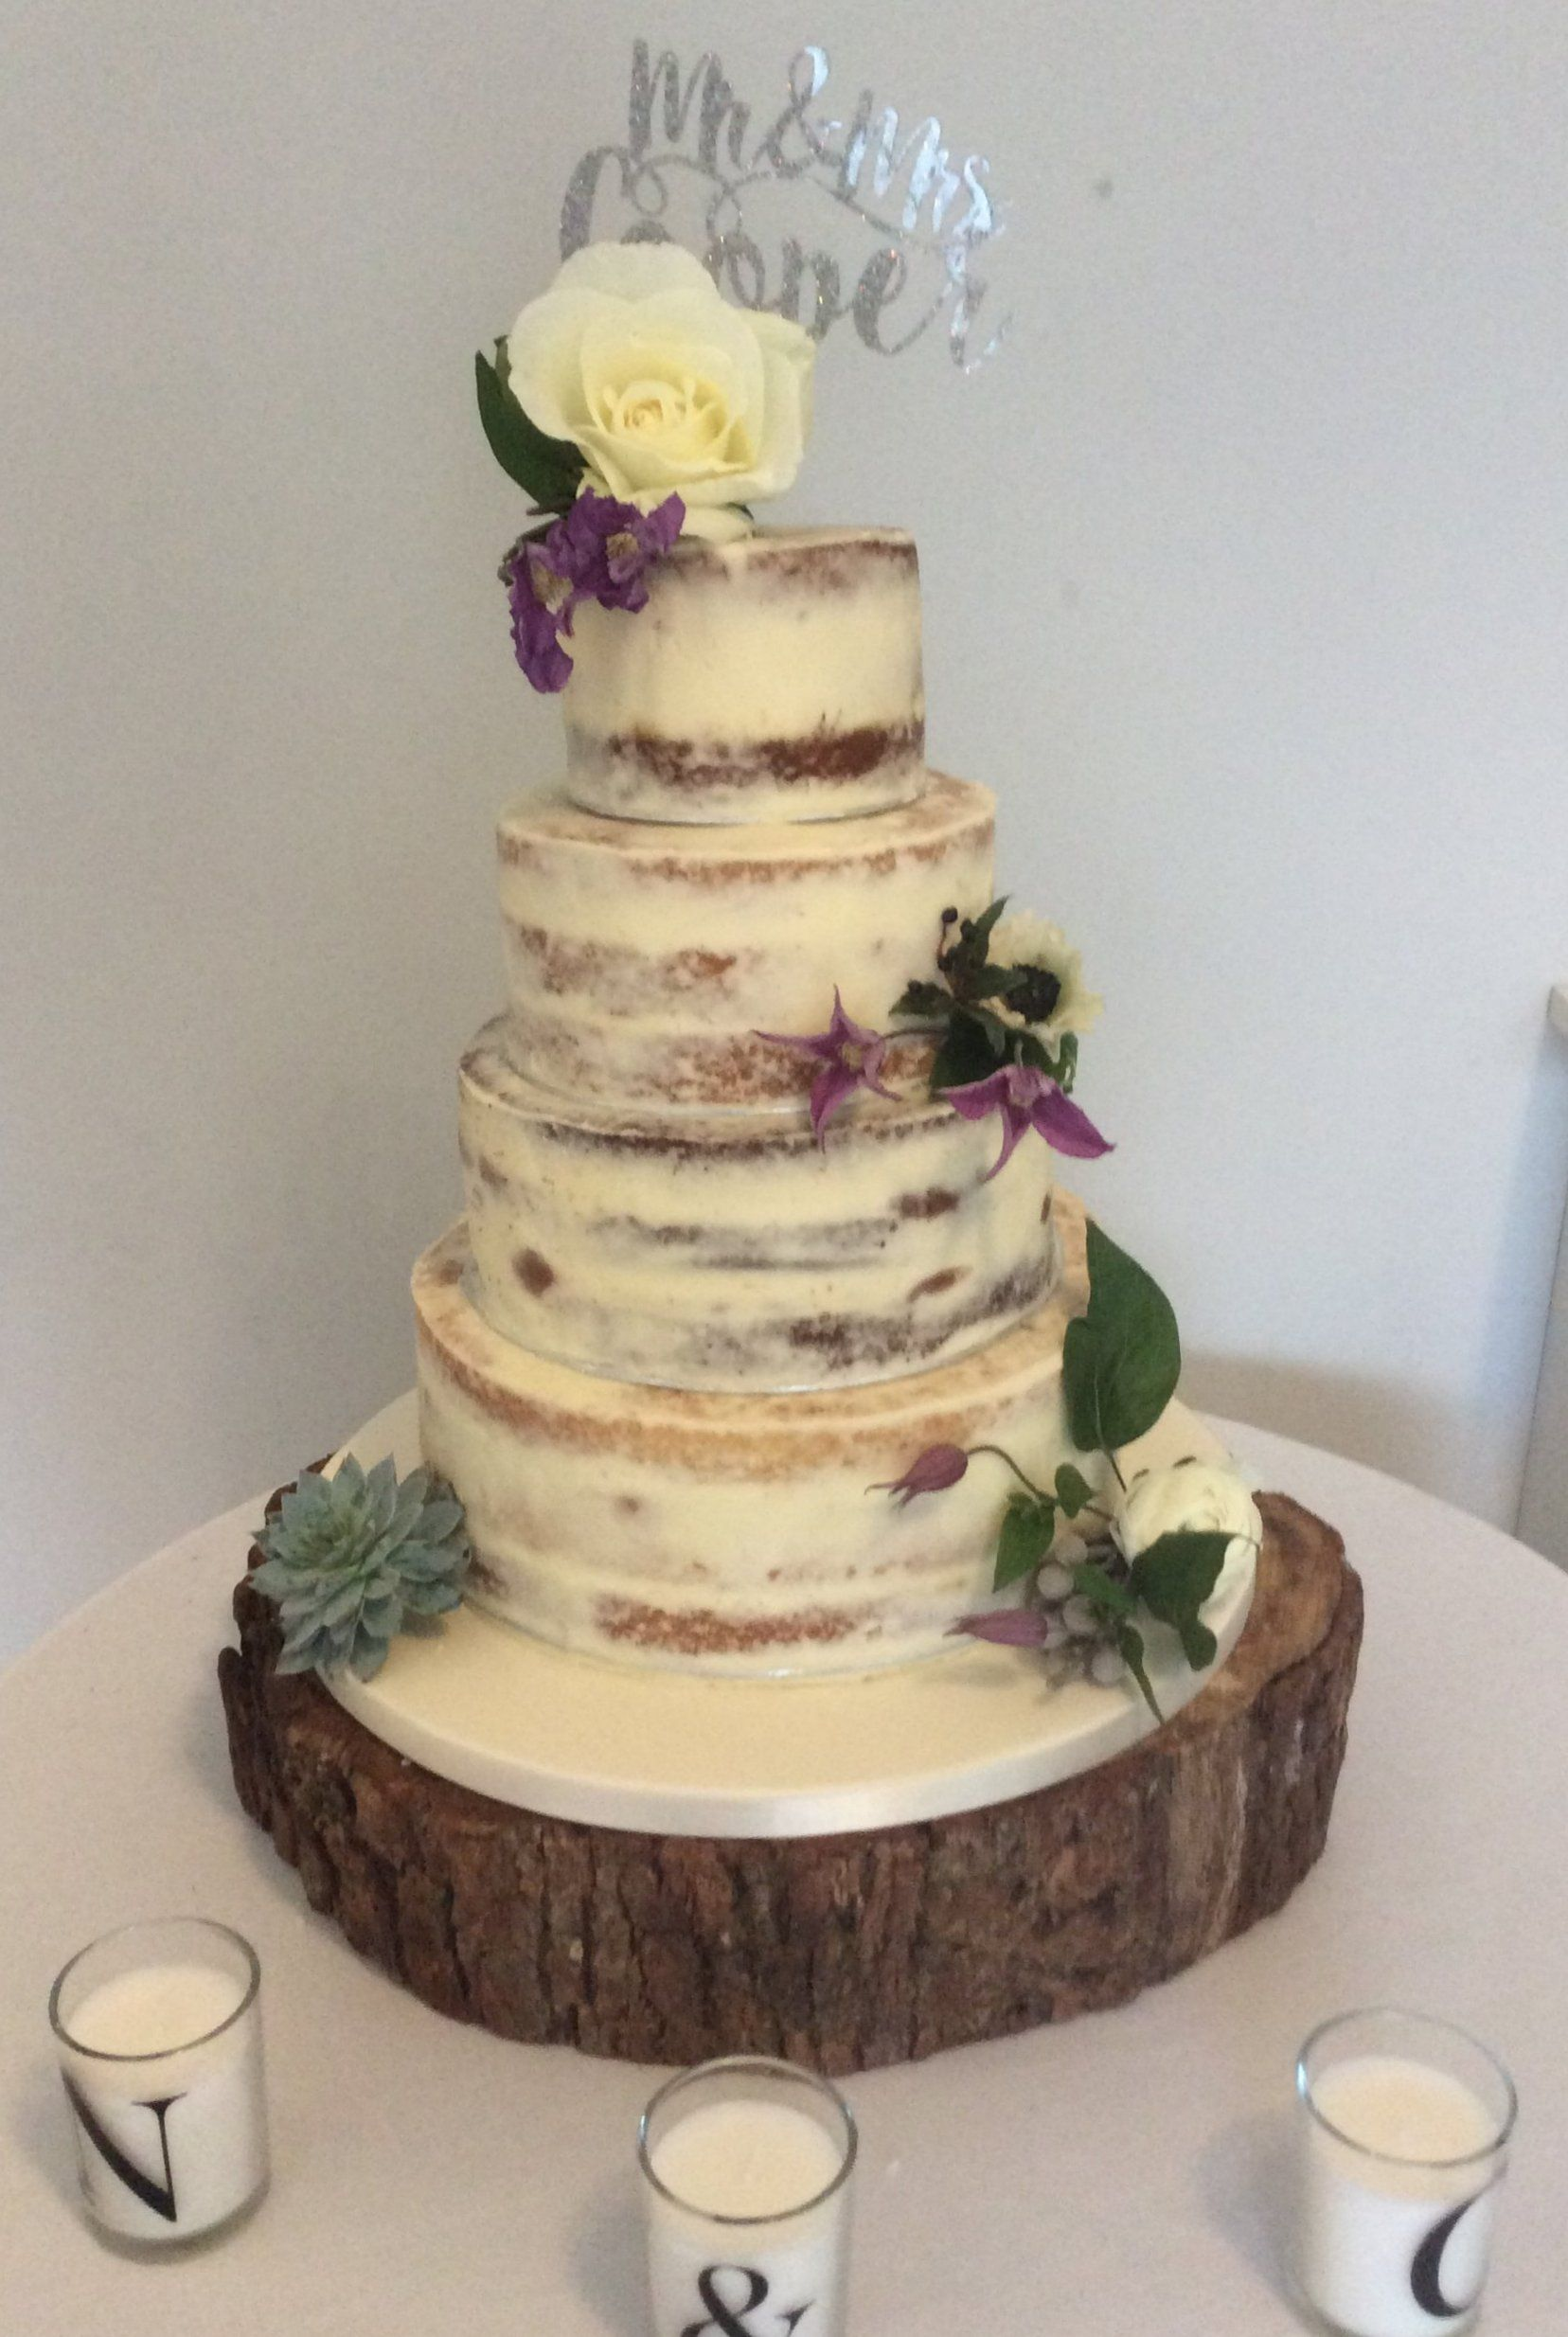 Naked Sponge Wedding Cake